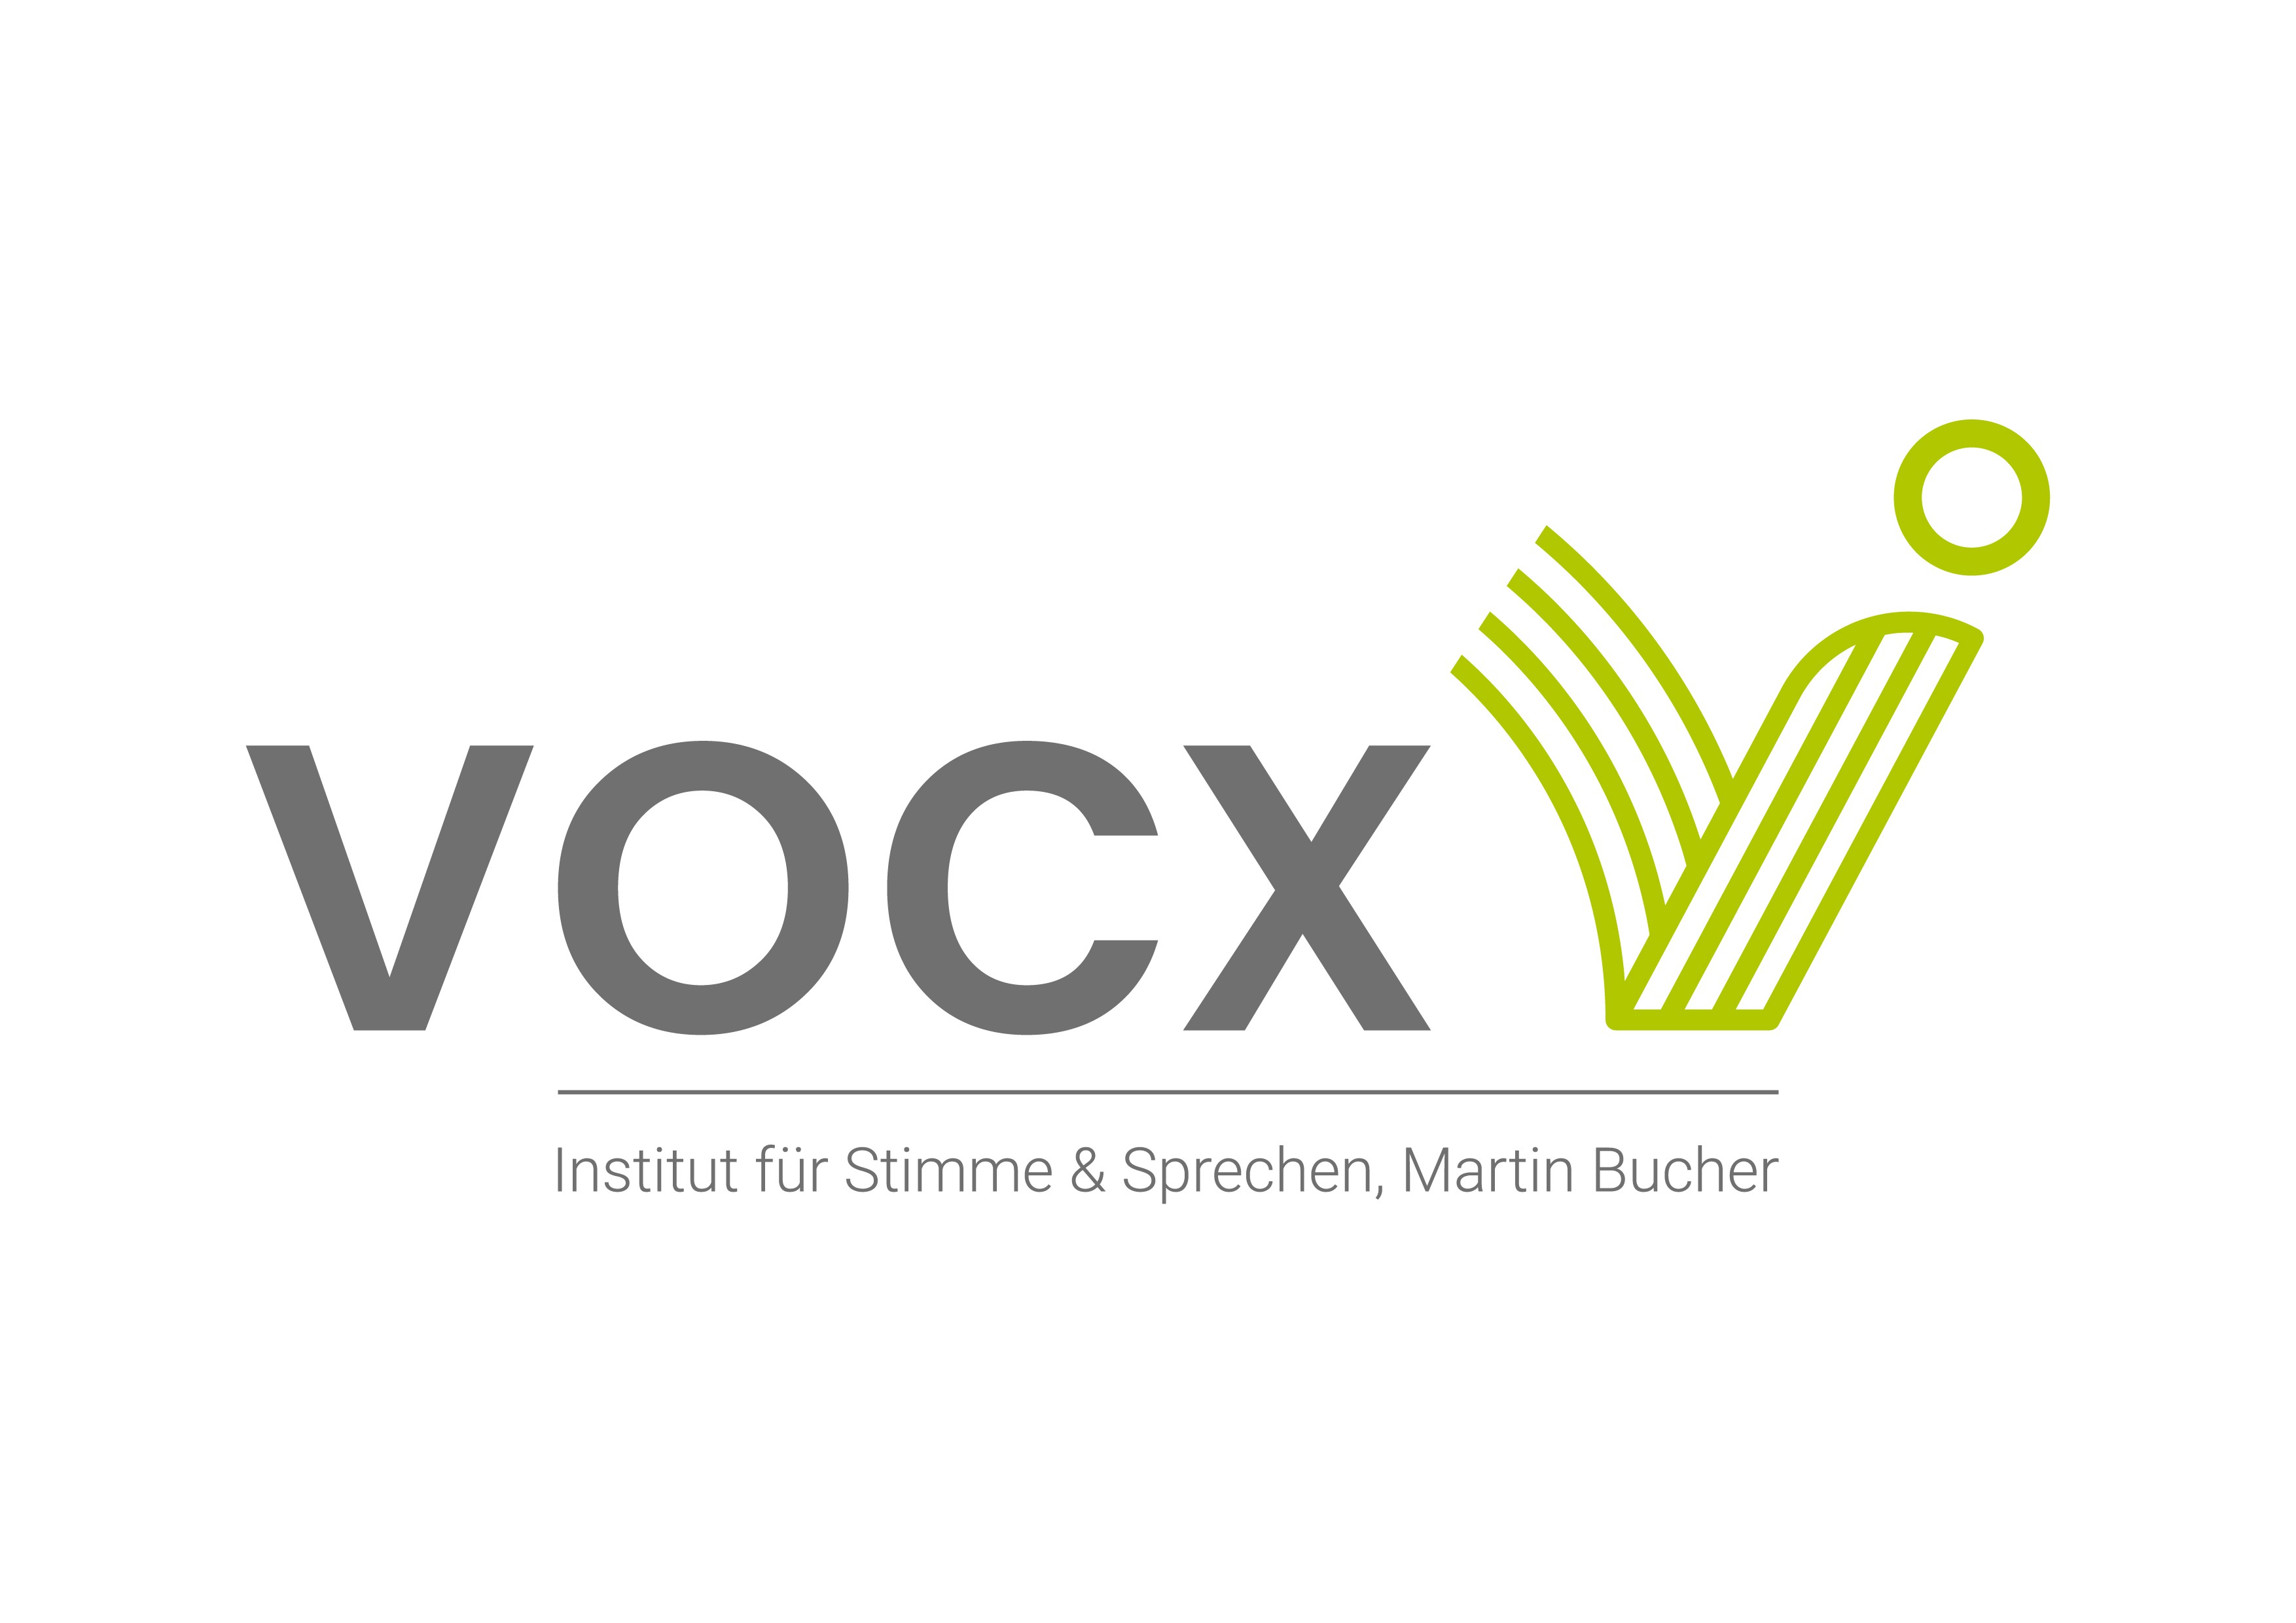 Designe ein ansprechendes Logo für das Institut vocx